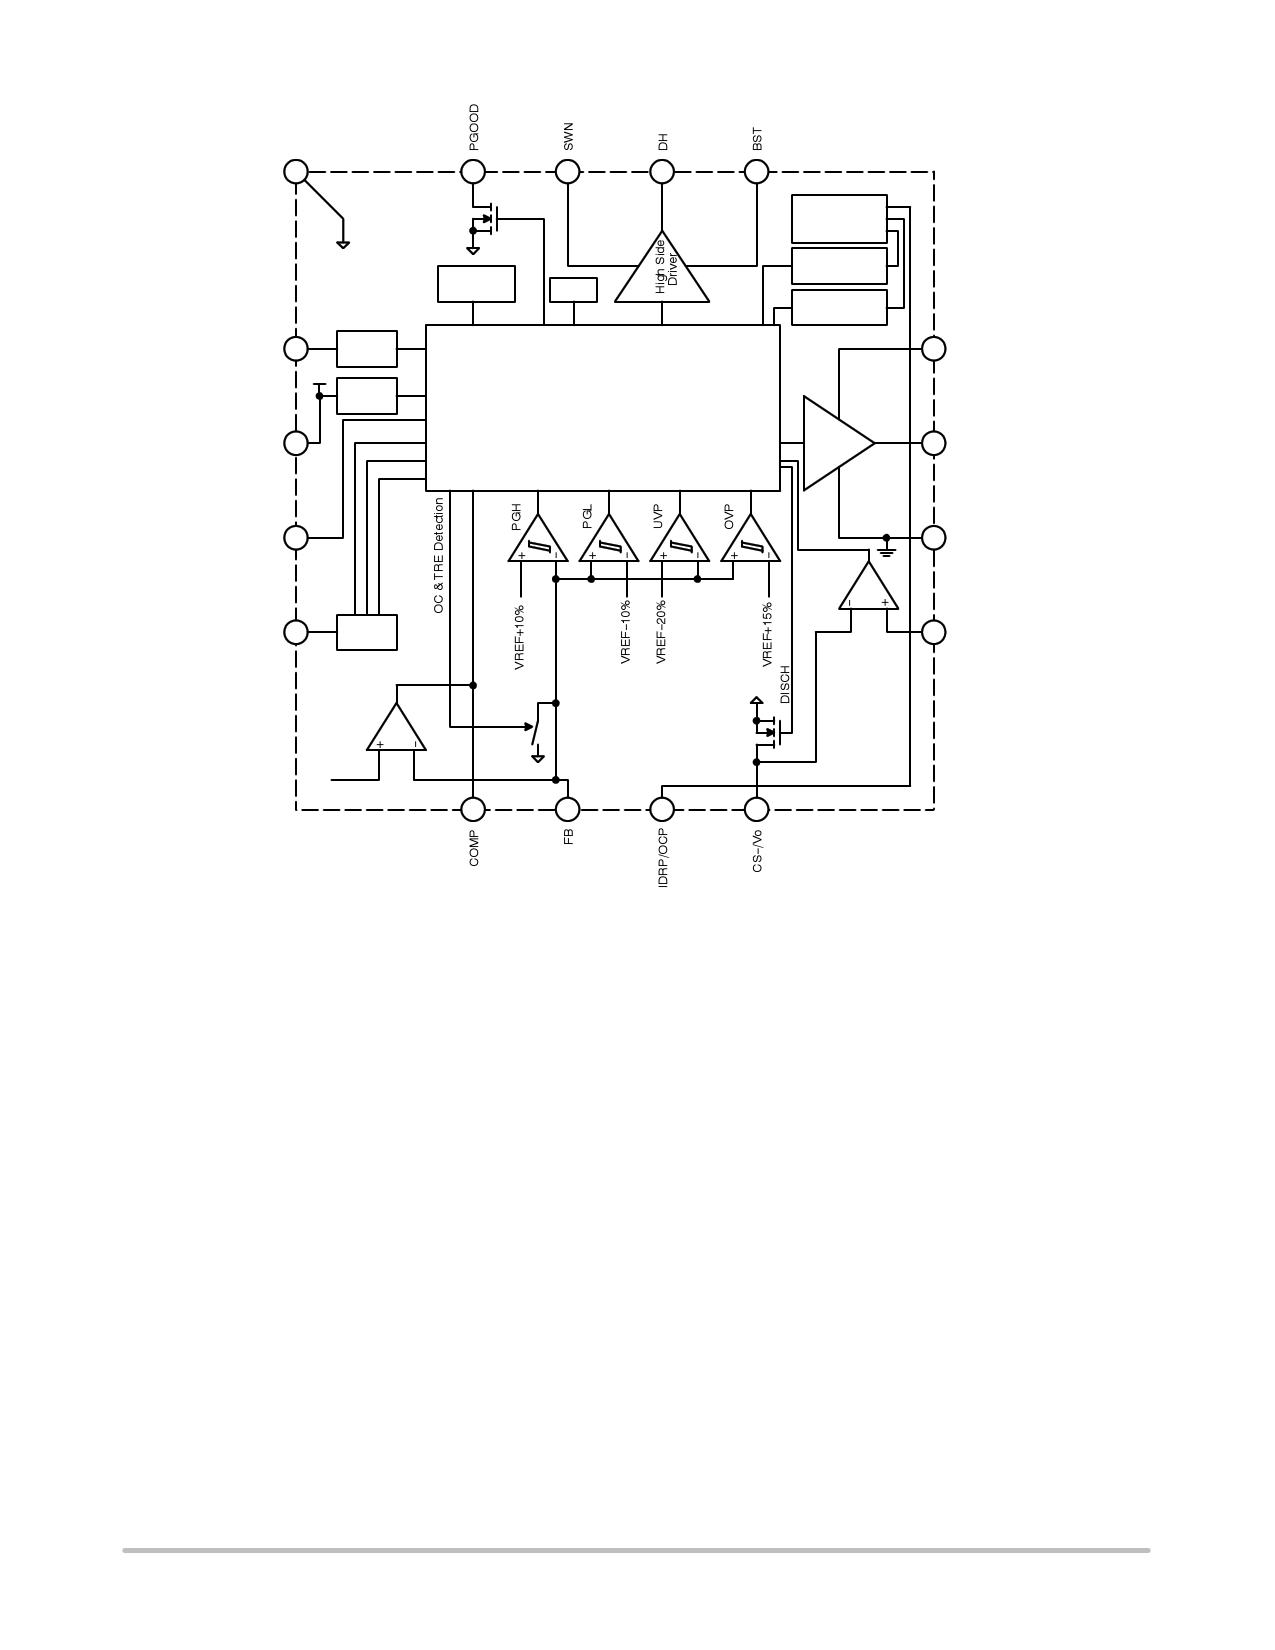 ncp81045 datasheet pdf   pinout